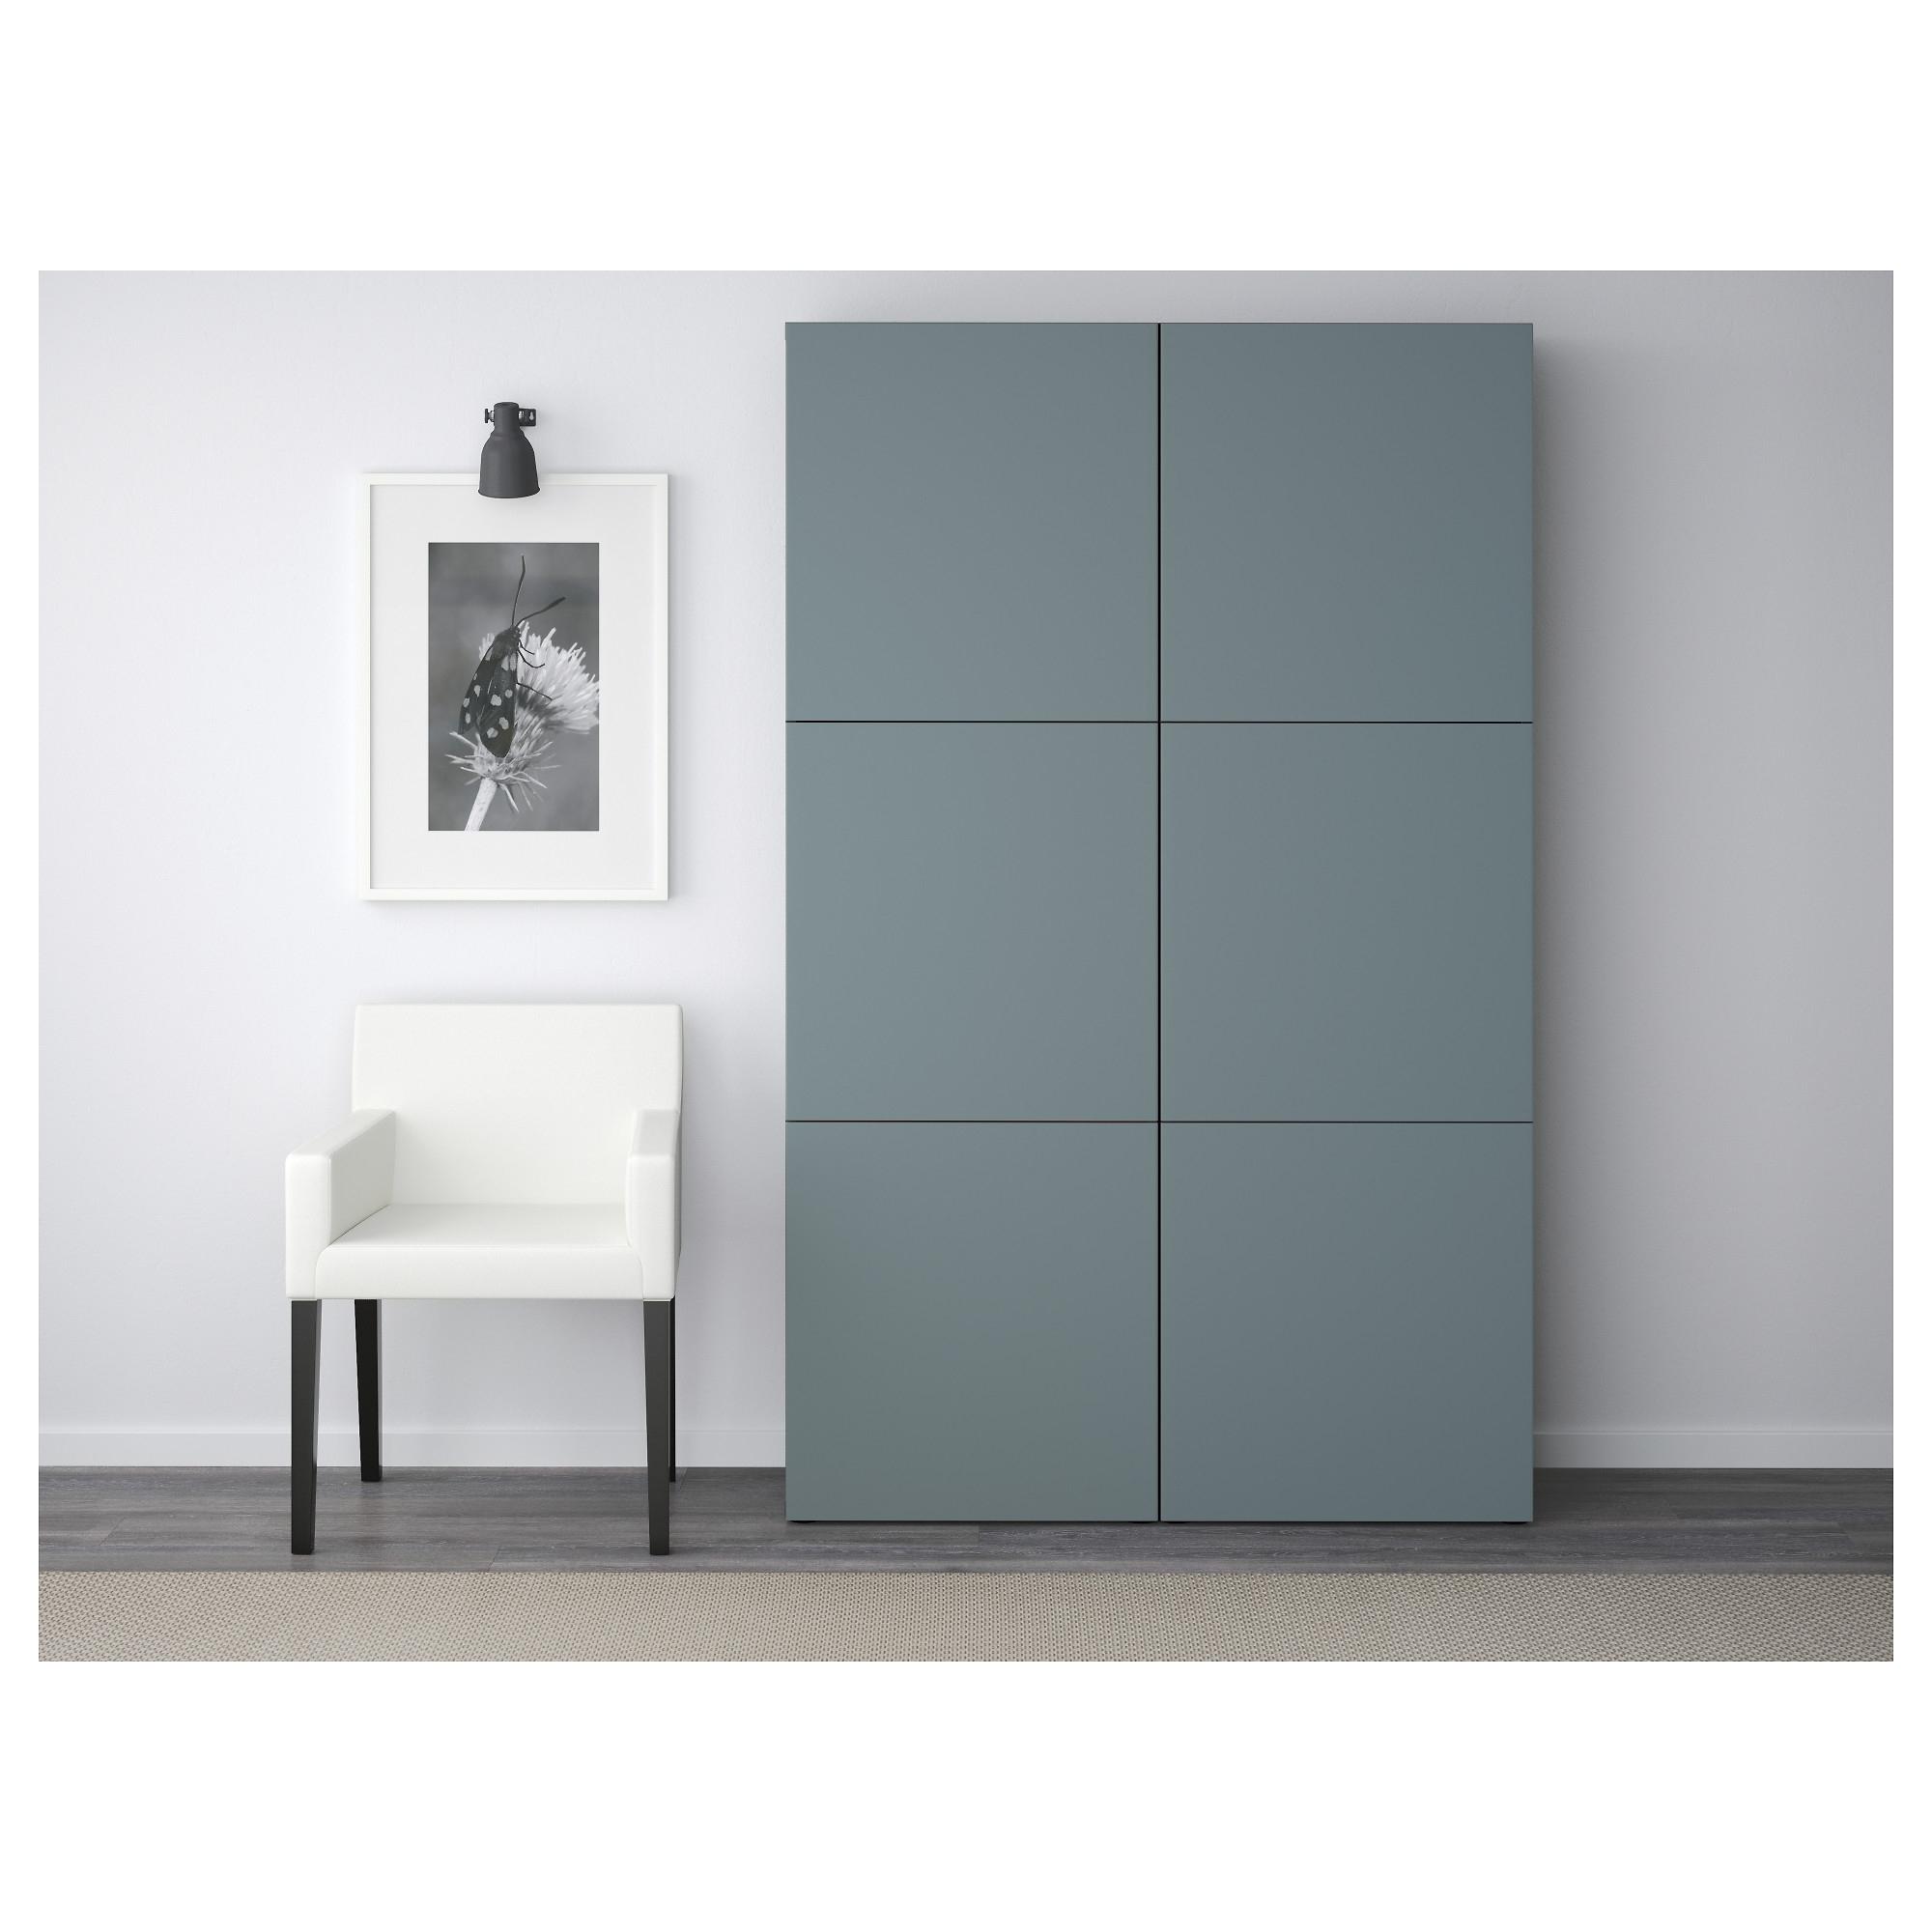 Ikea Lithuania - Įsigyti Baldų, Šviestuvų, Interjero Dekoracijų Ir for Koip 6 Door Sideboards (Image 4 of 30)